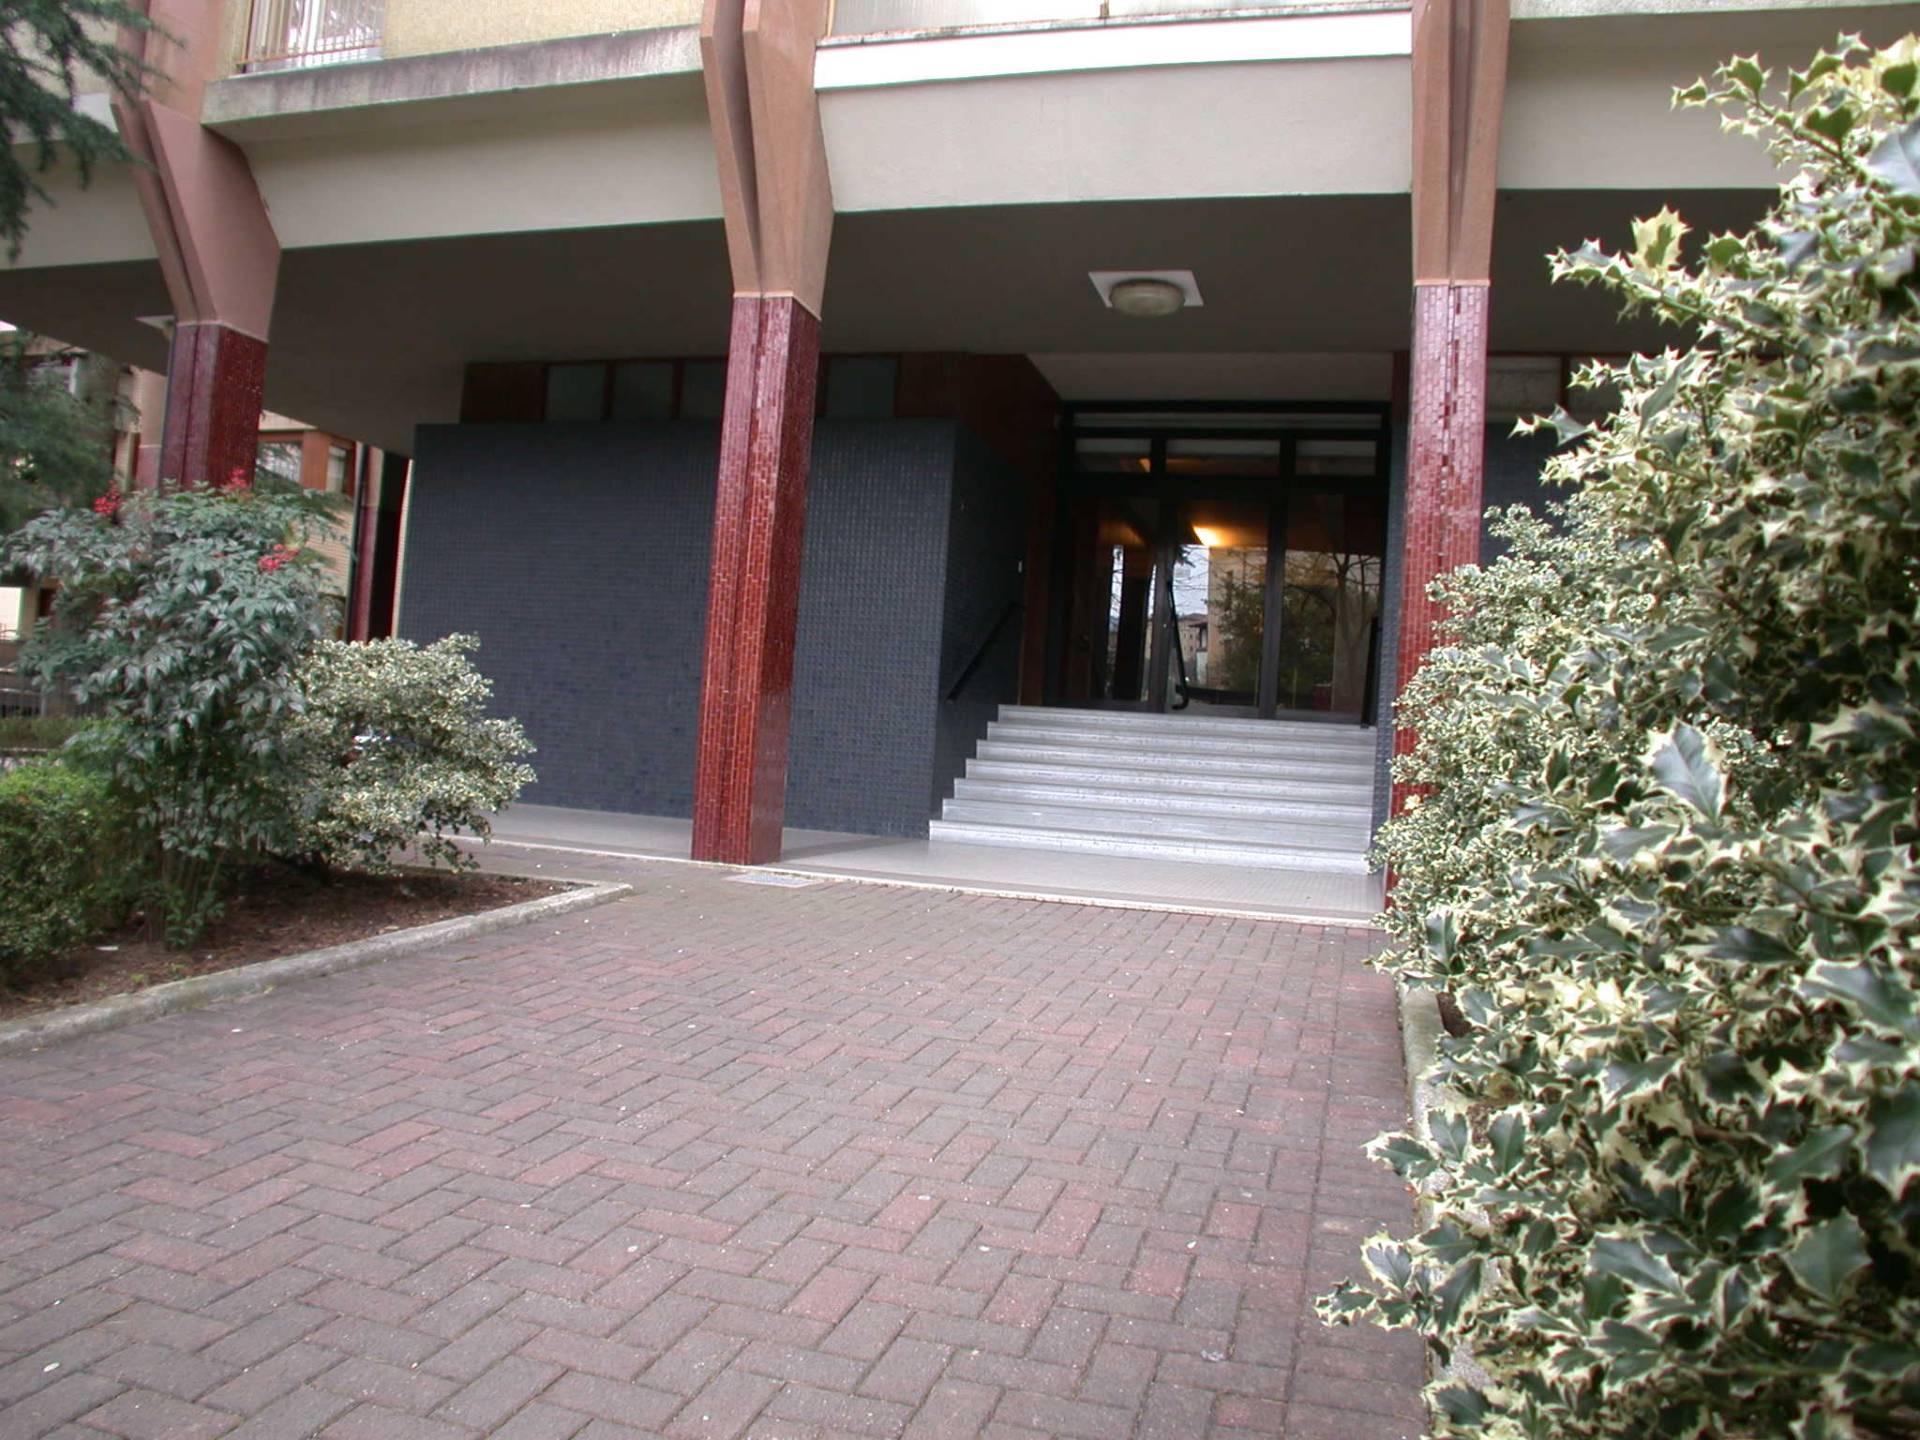 Appartamento in vendita a Gorizia, 6 locali, zona Località: centro, prezzo € 49.000 | CambioCasa.it